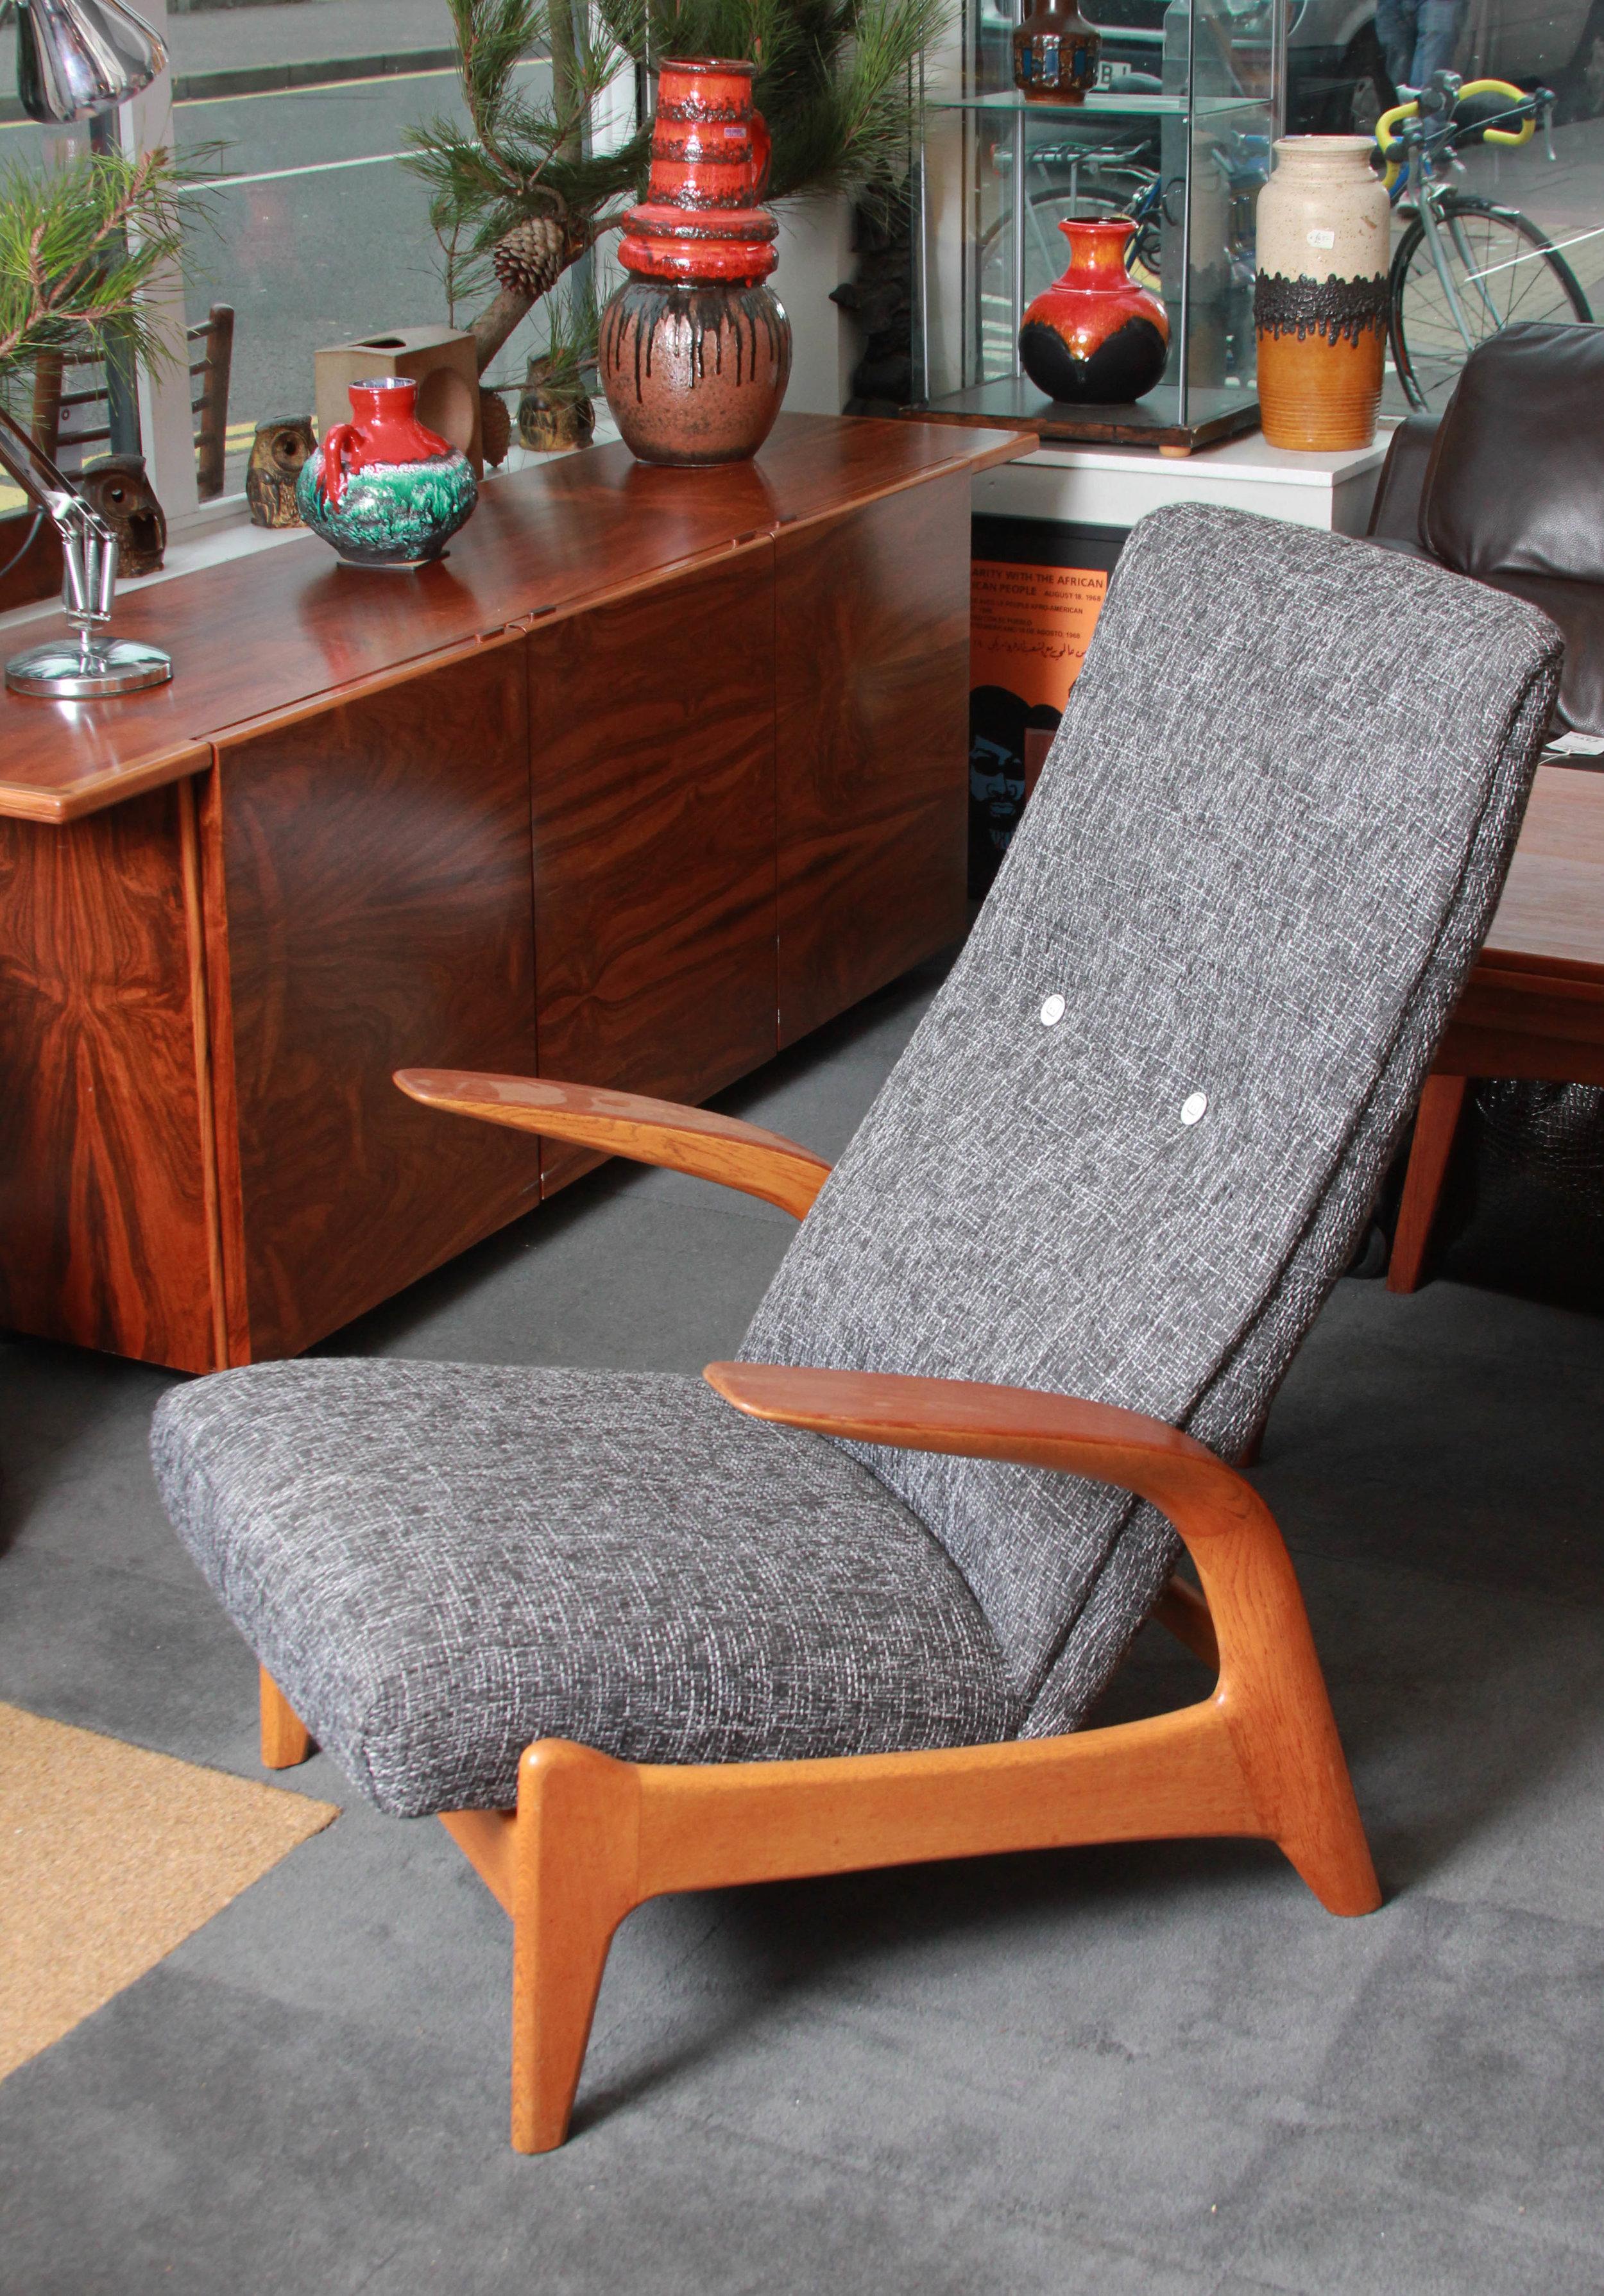 Gimson & Slater 1958. Reupholstered £1250